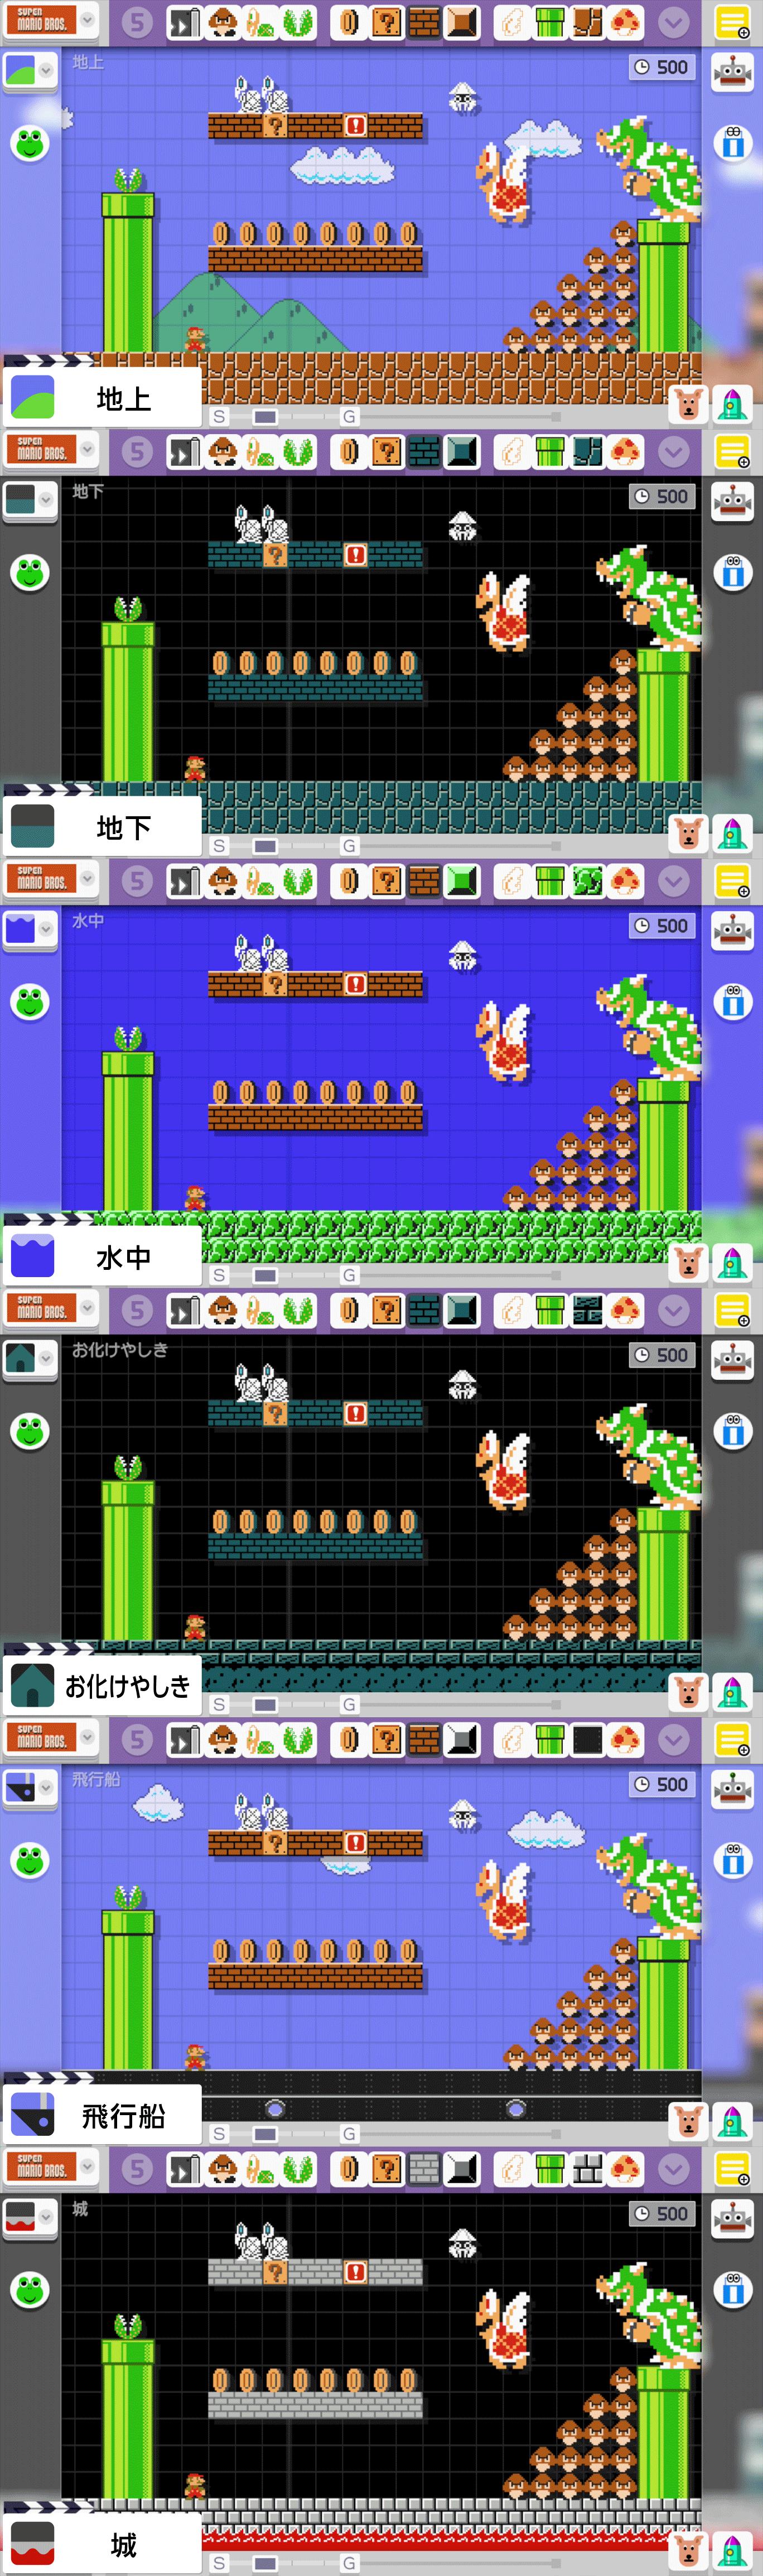 Super Mario Maker: overview video, Wii U bundles for Japan, JP website ...